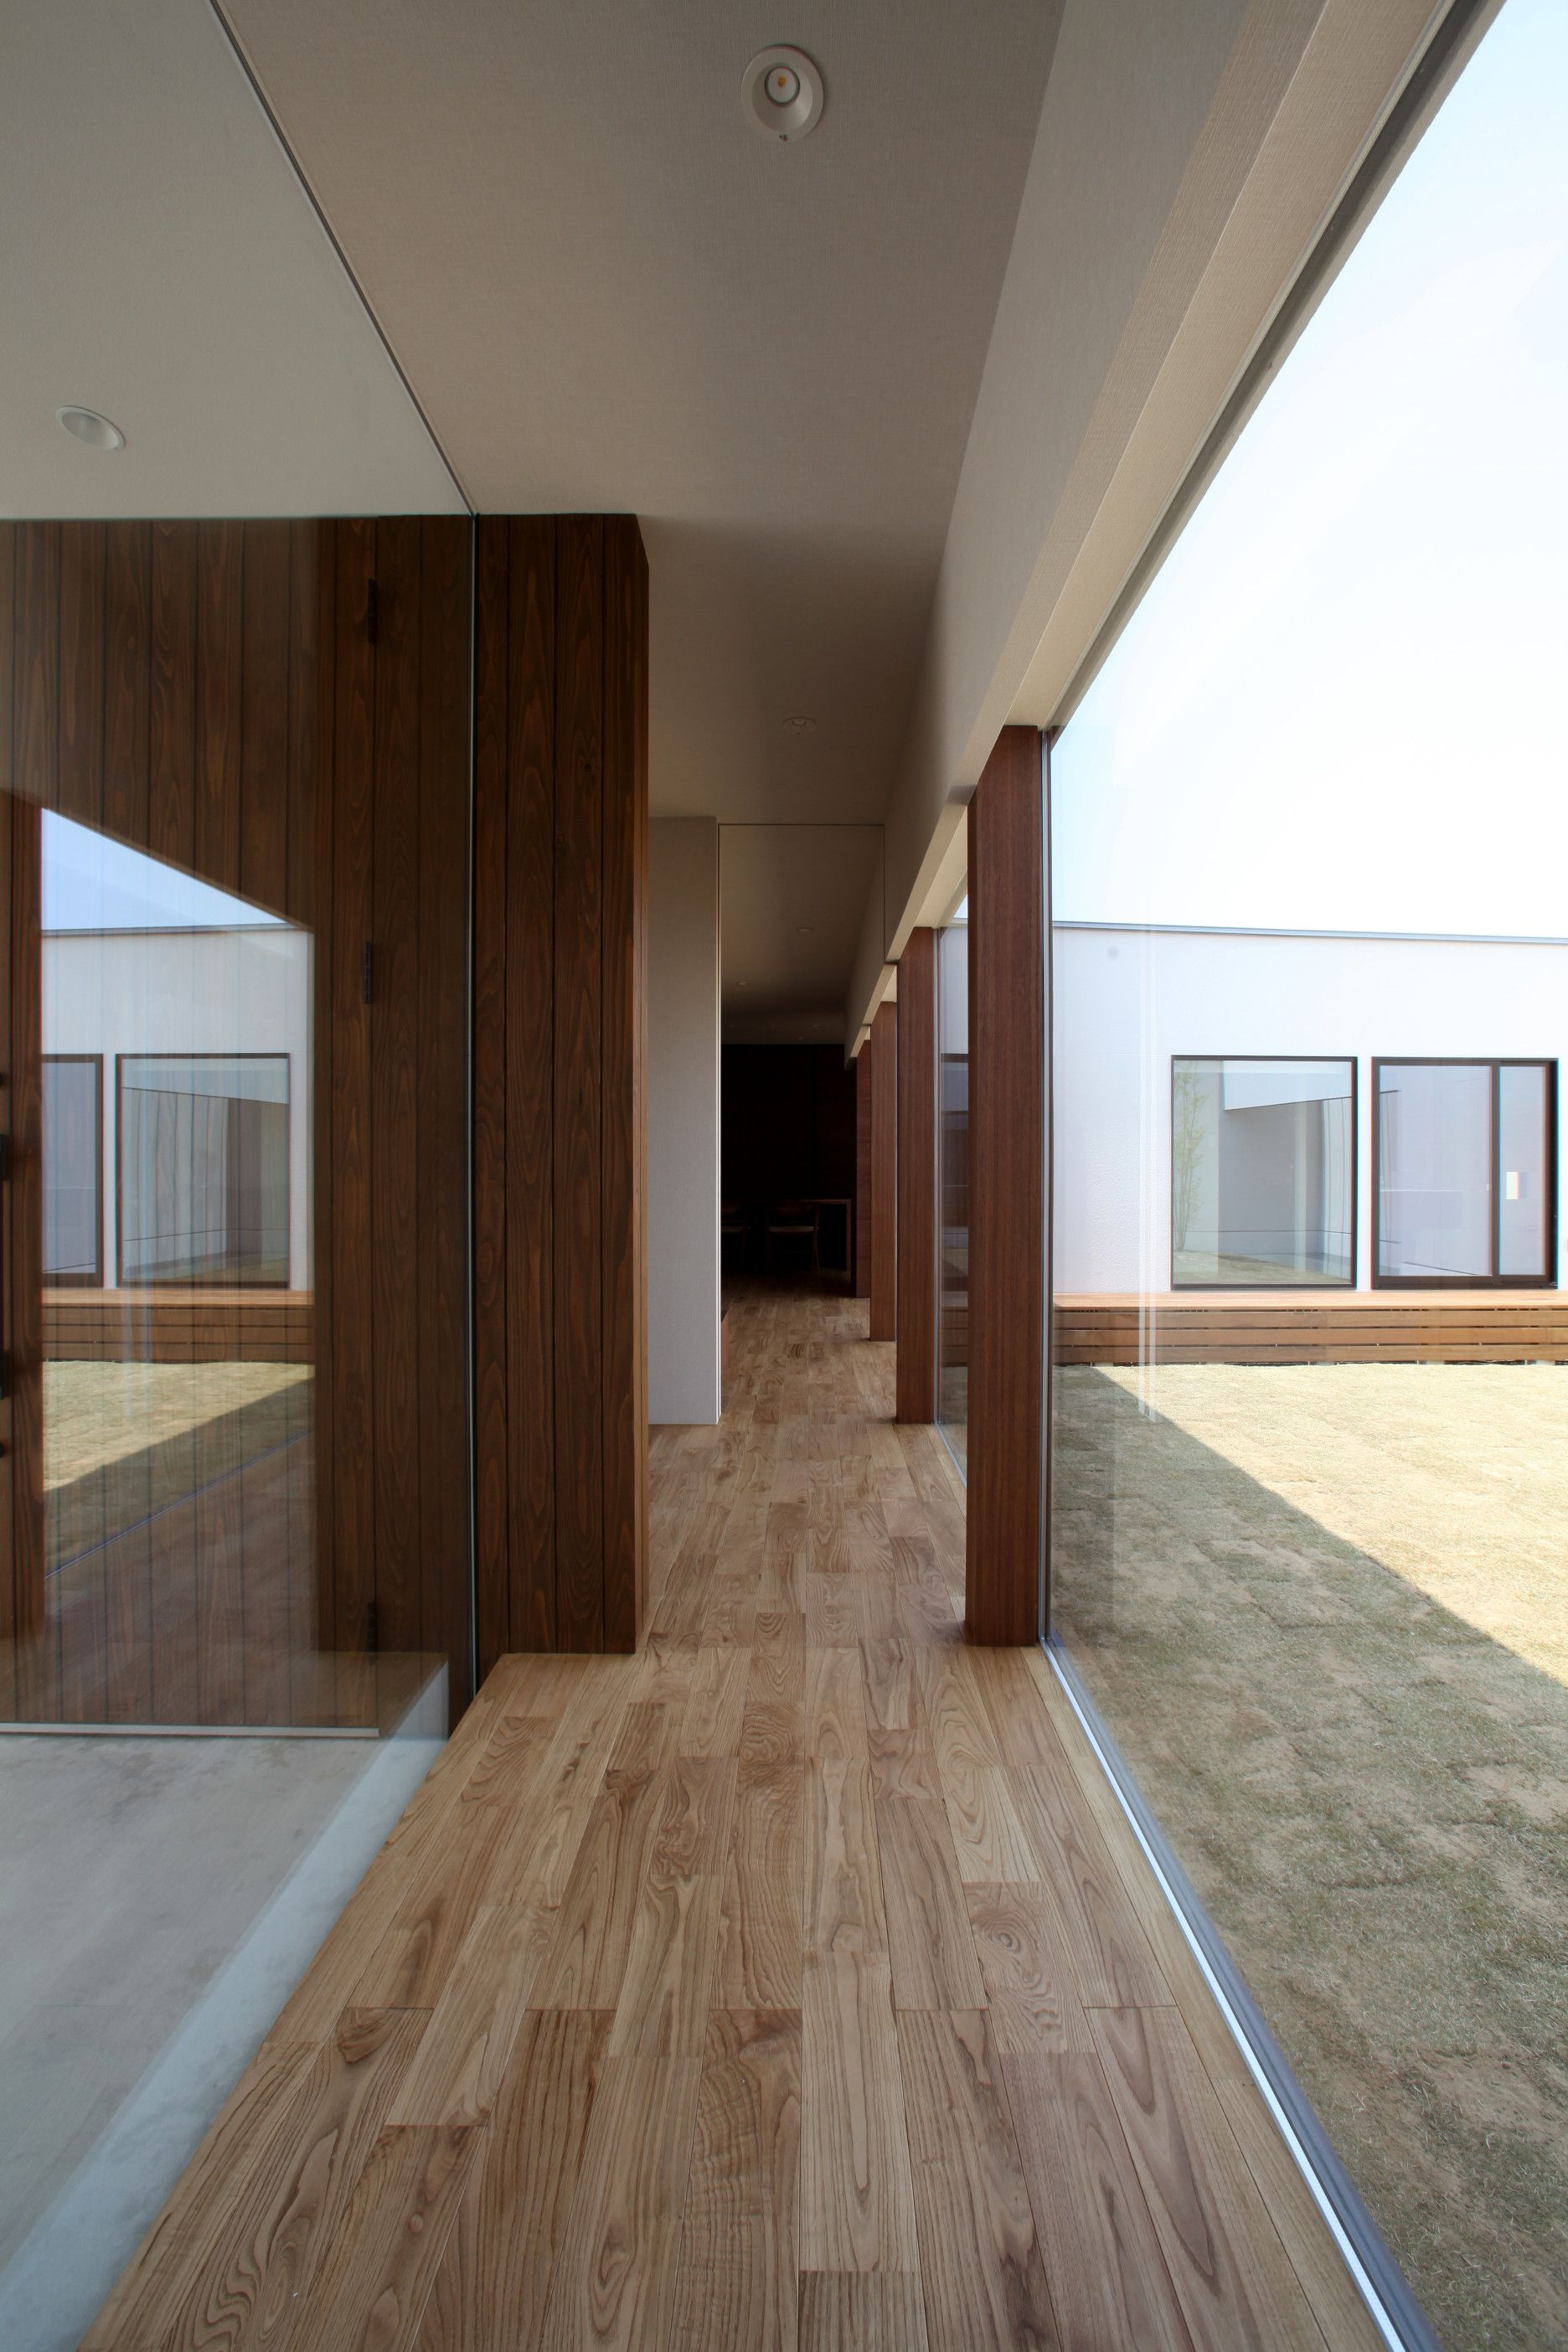 廊下の両側をガラスにすることで 中にいながらも外に出たような開放的